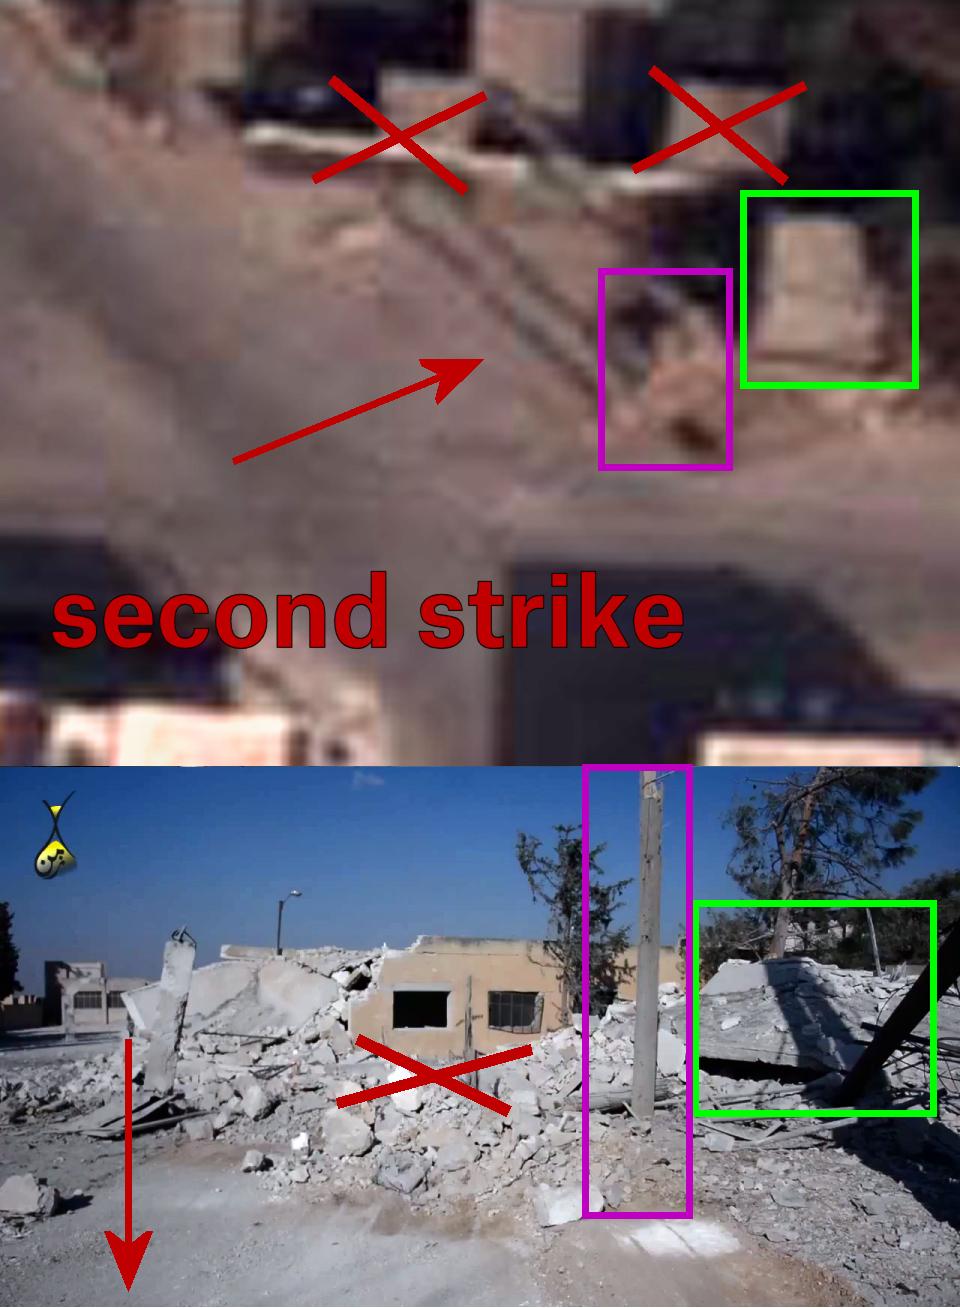 second_strike2